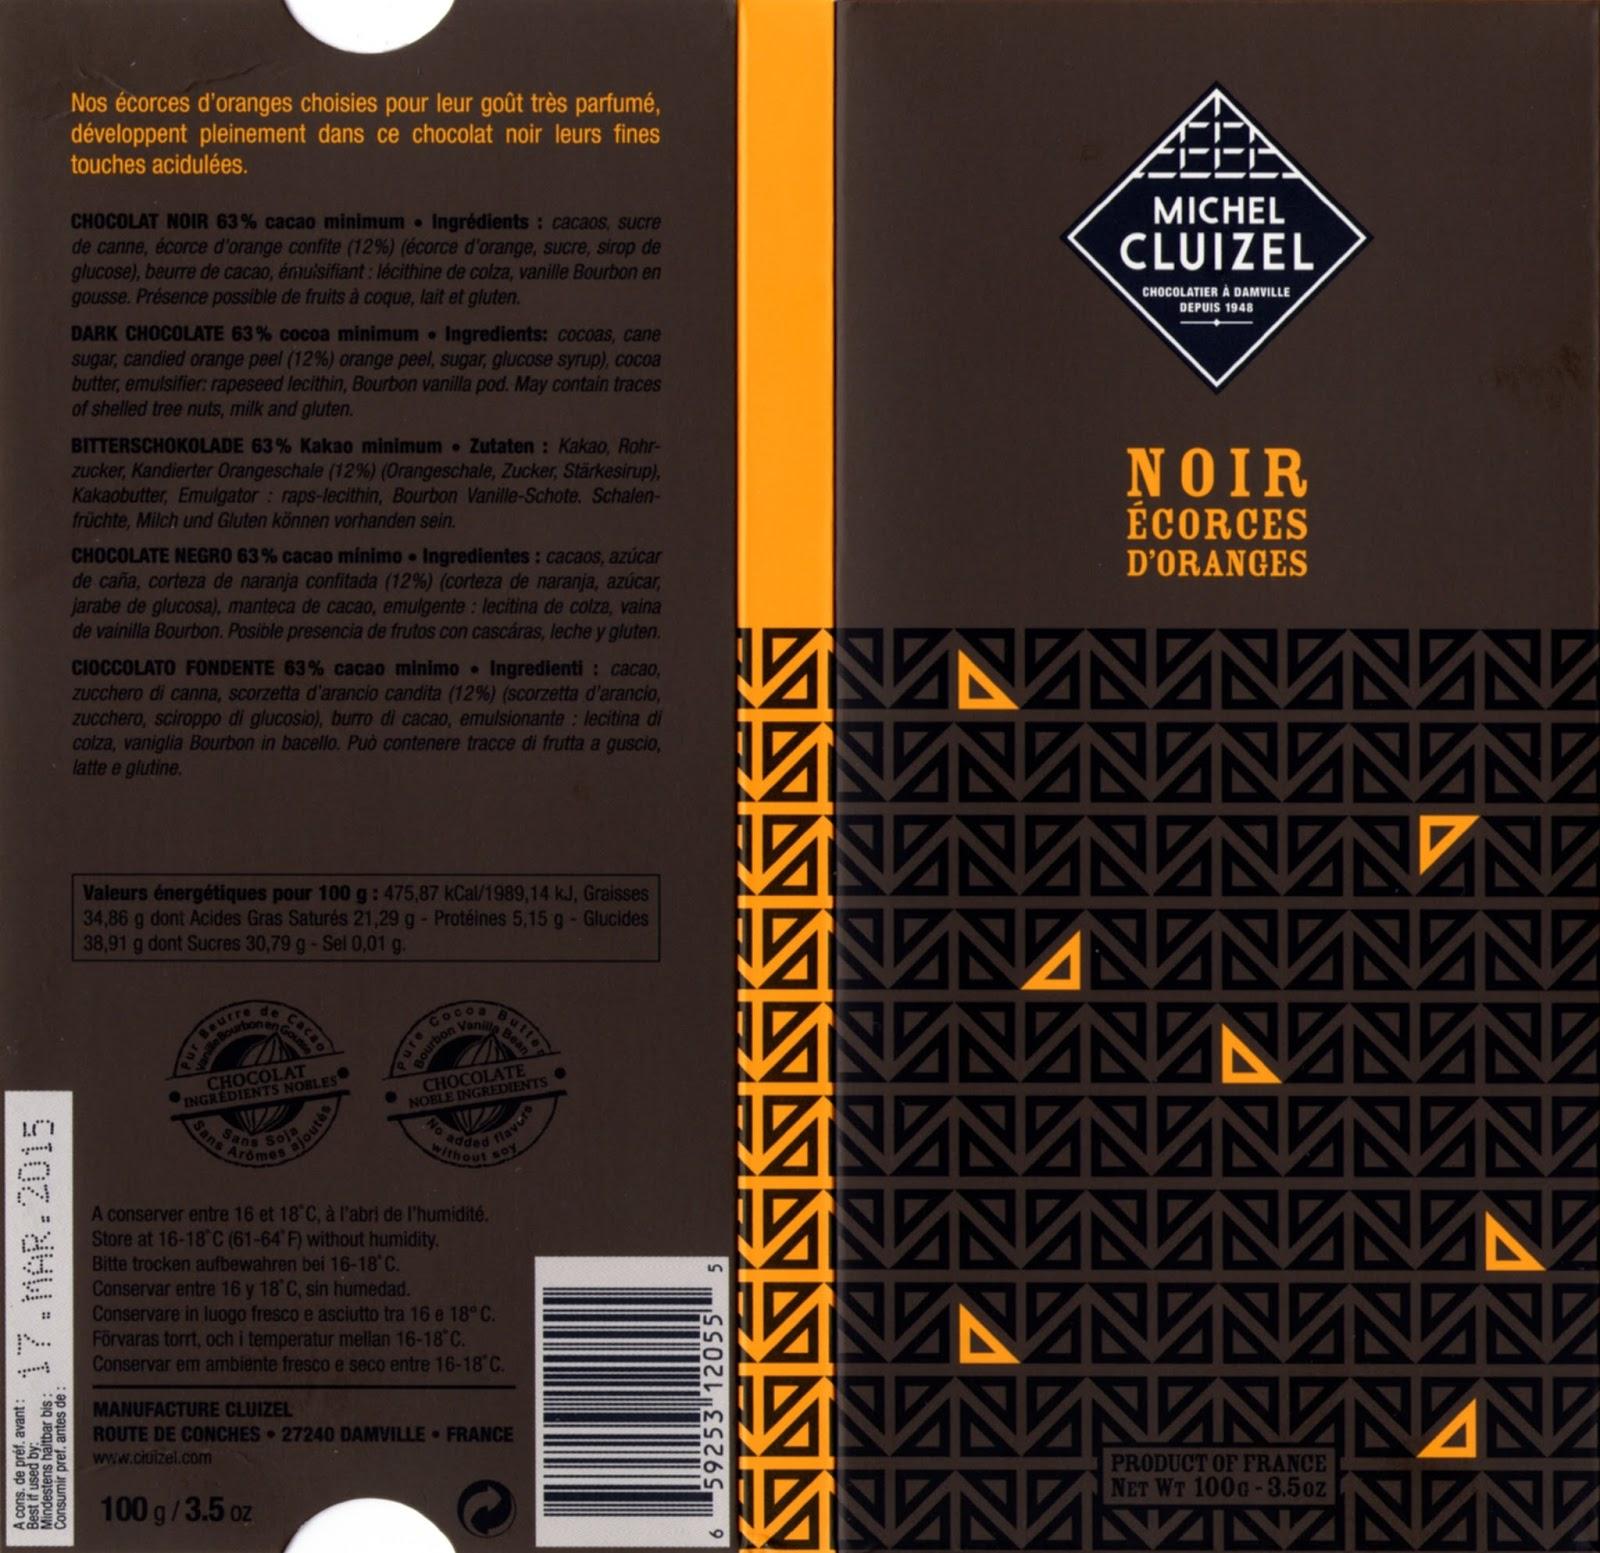 tablette de chocolat noir gourmand michel cluizel noir ecorces d'oranges